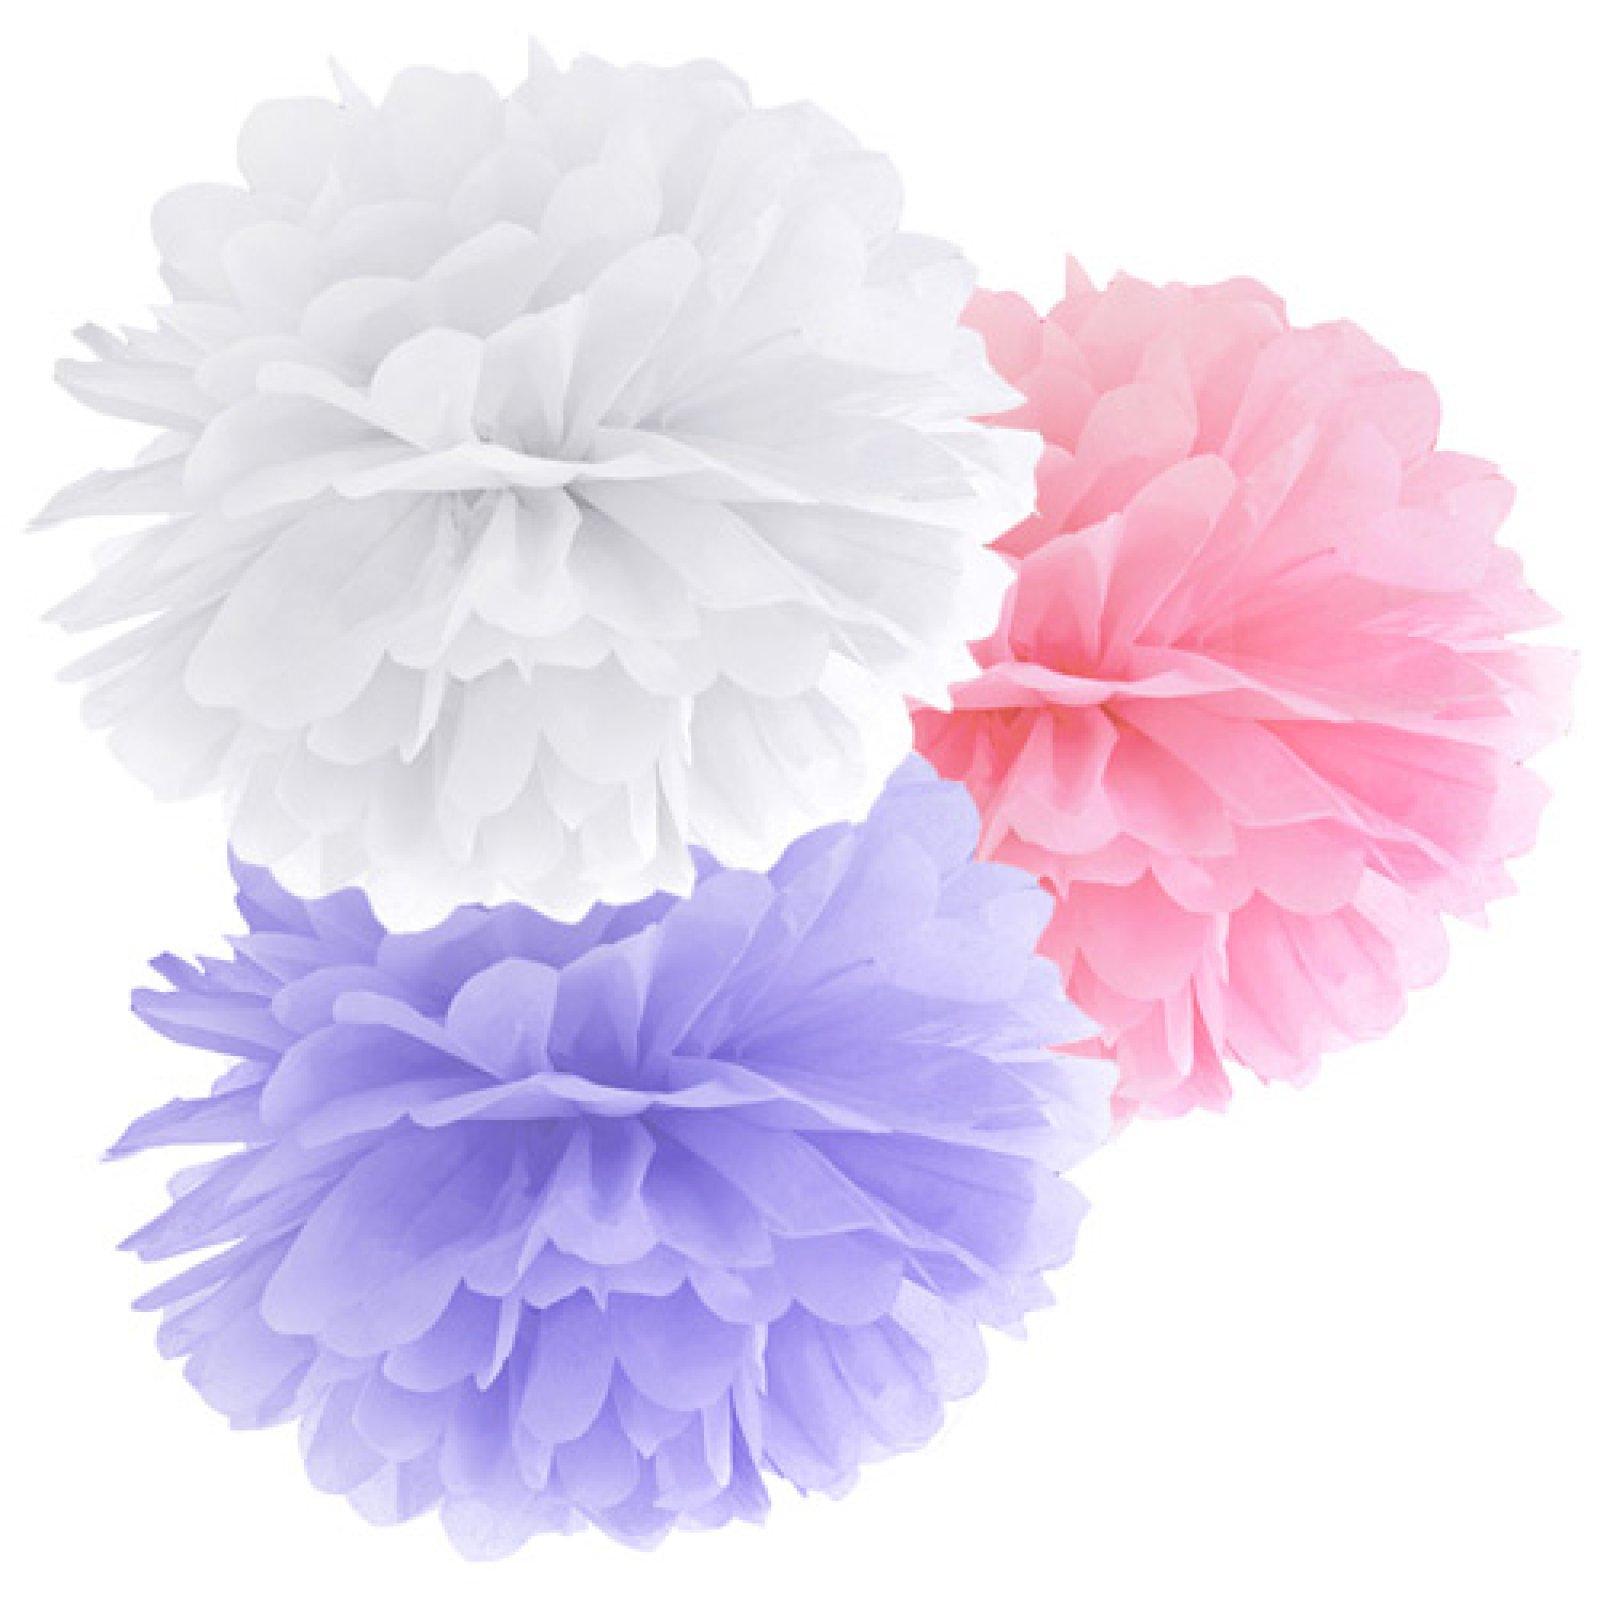 pompom set mit wei rosa und flieder farben der ideen. Black Bedroom Furniture Sets. Home Design Ideas